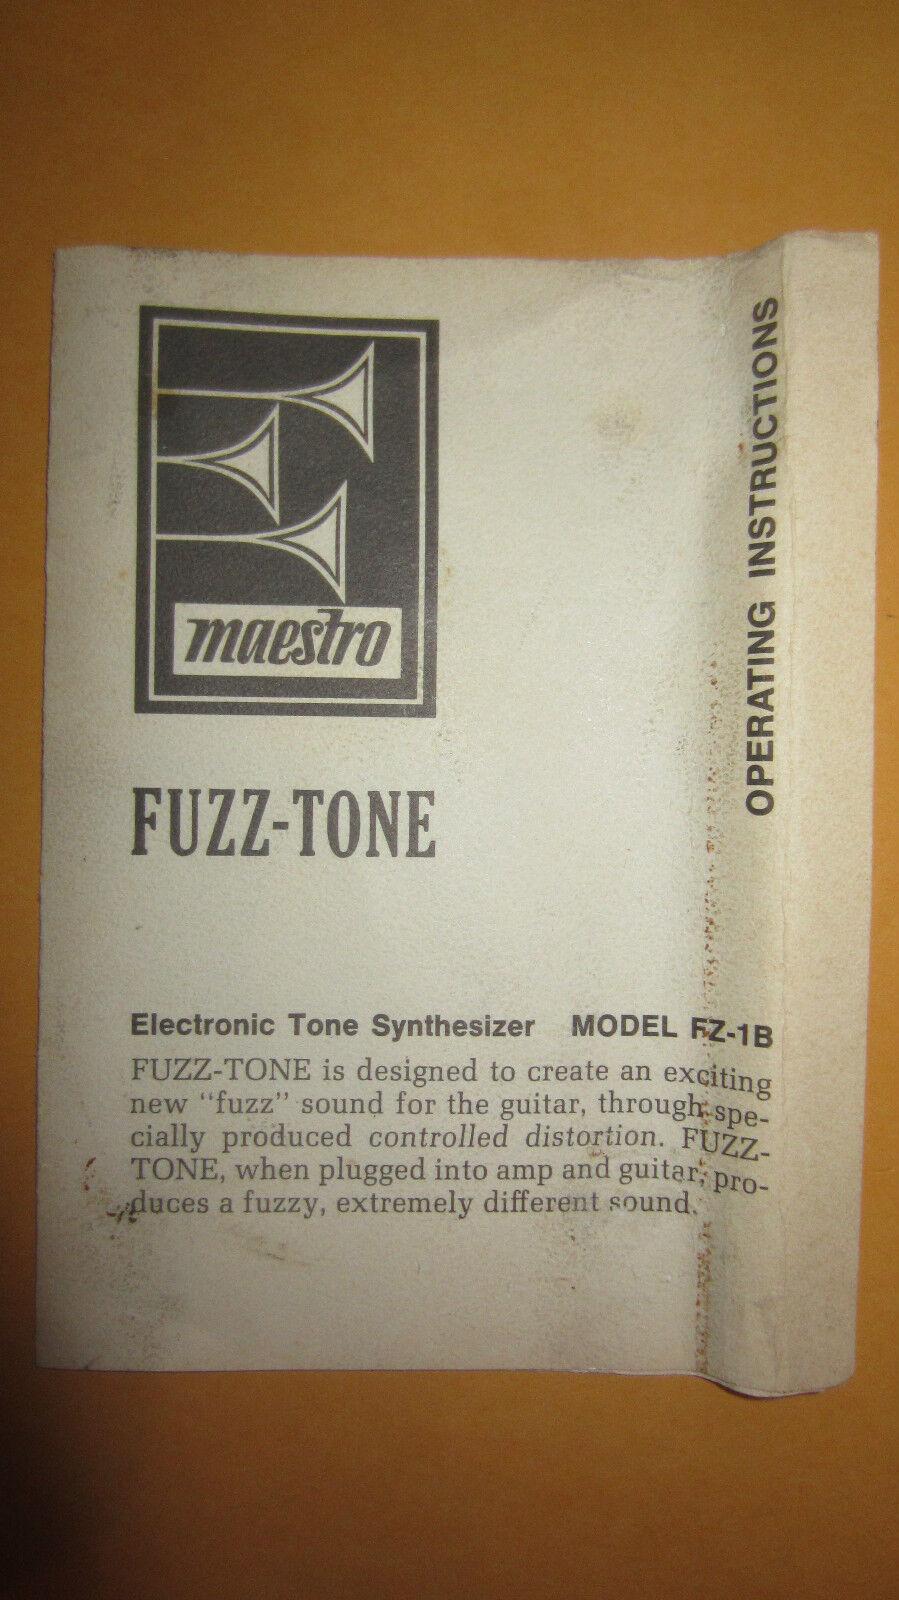 Vintage Circa década de 1960 maestro raspado FZ-1B Instrucciones Instrucciones Instrucciones Manual del propietario original  Garantía 100% de ajuste